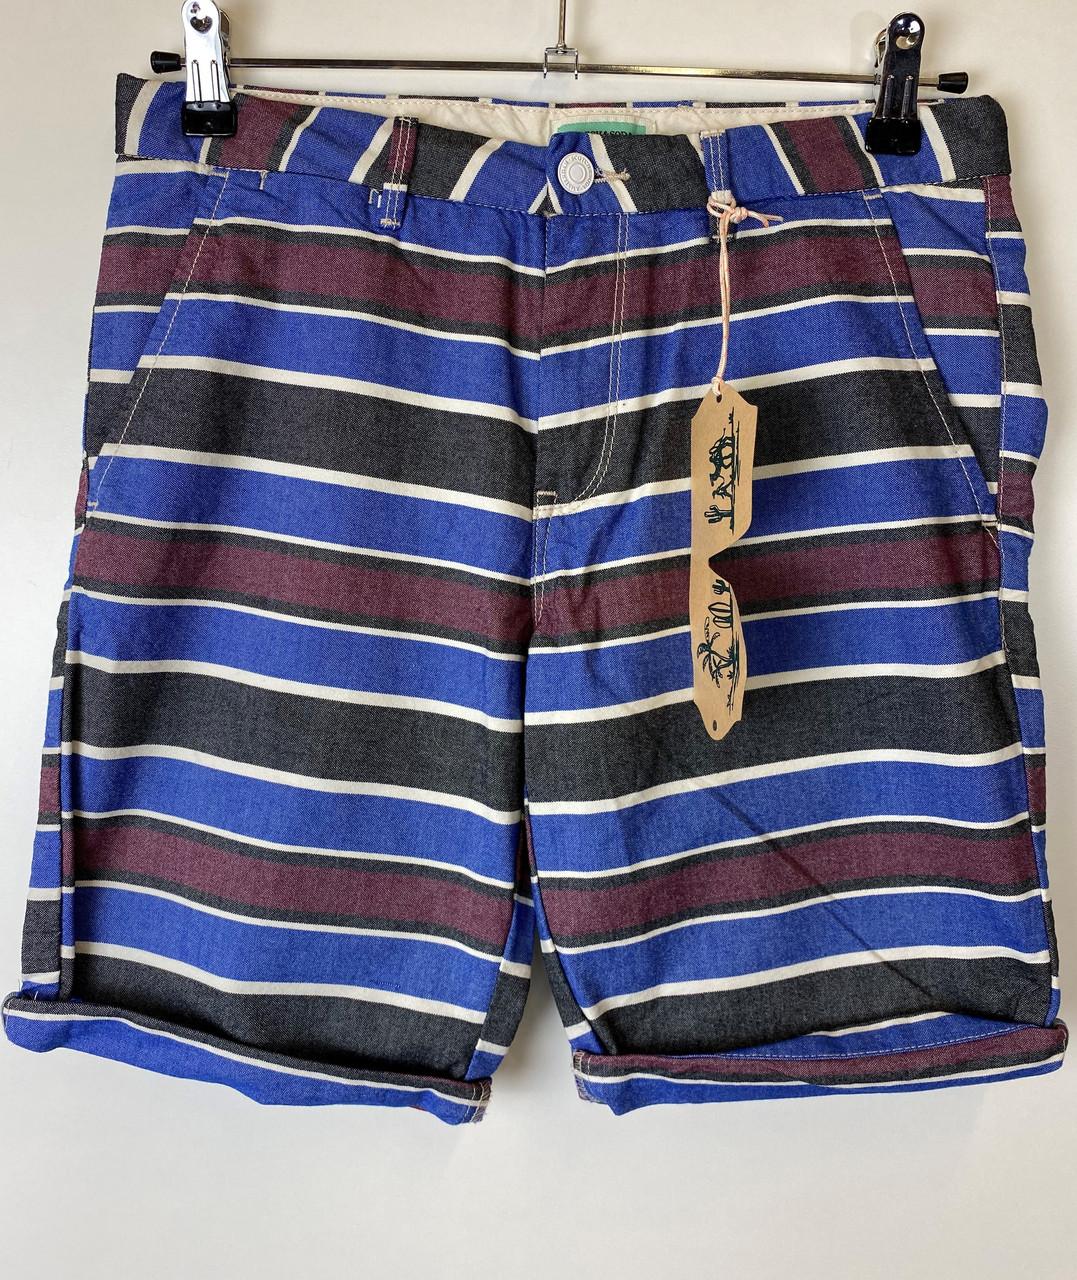 Шорты мужские Scotch & Soda цвет серо-бордово-синий размер 164 арт 14297018-SSBM-C81